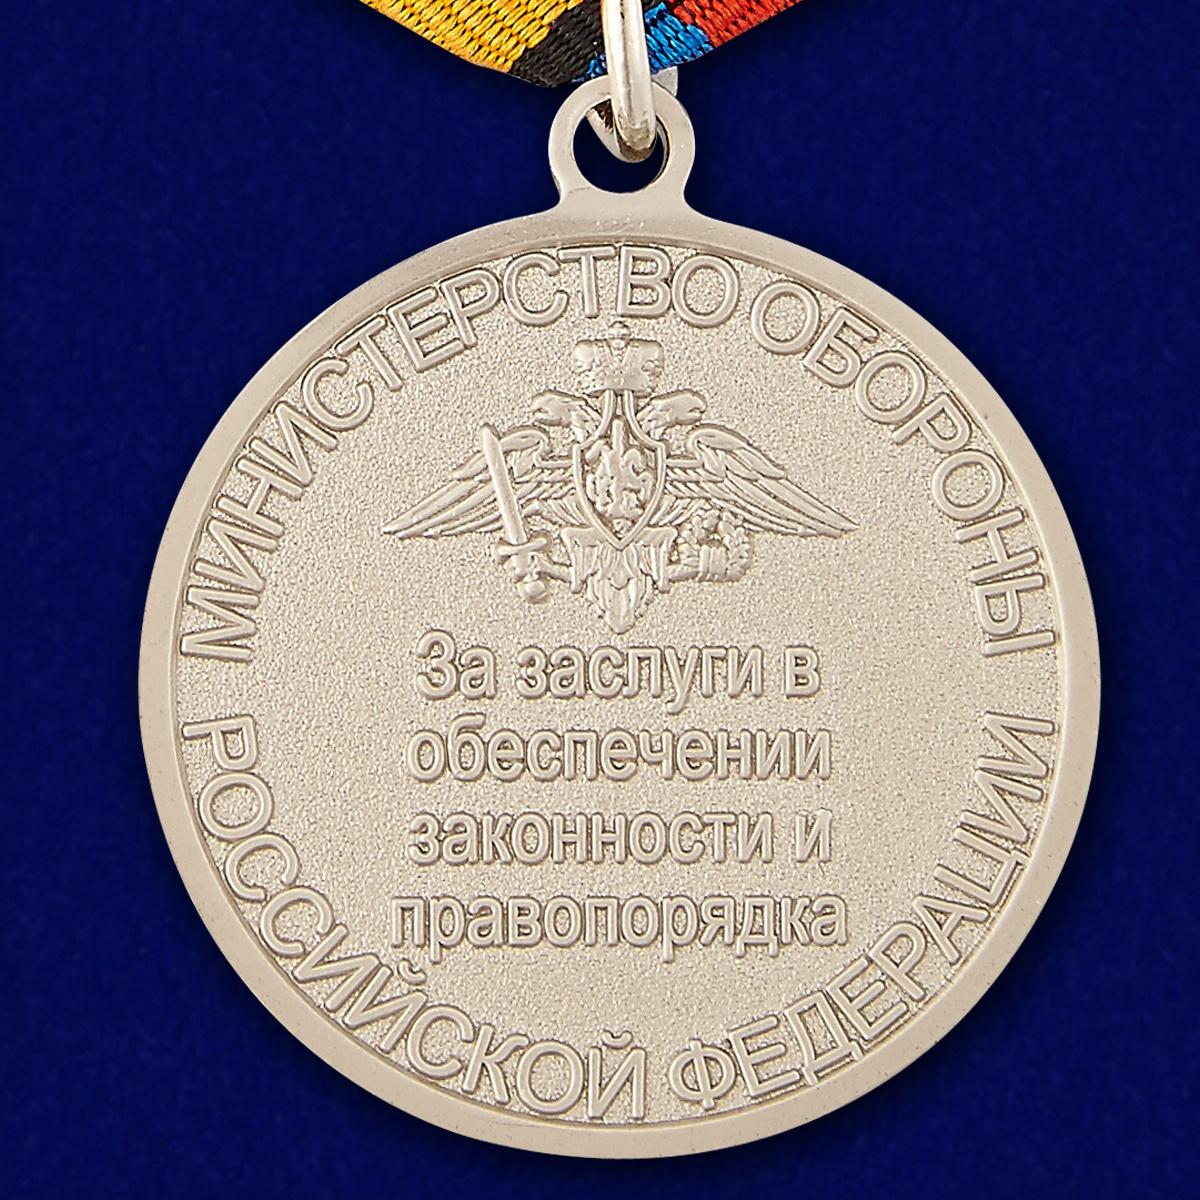 """Медаль """"За заслуги в обеспечении законности и правопорядка"""" МО РФ - реверс"""